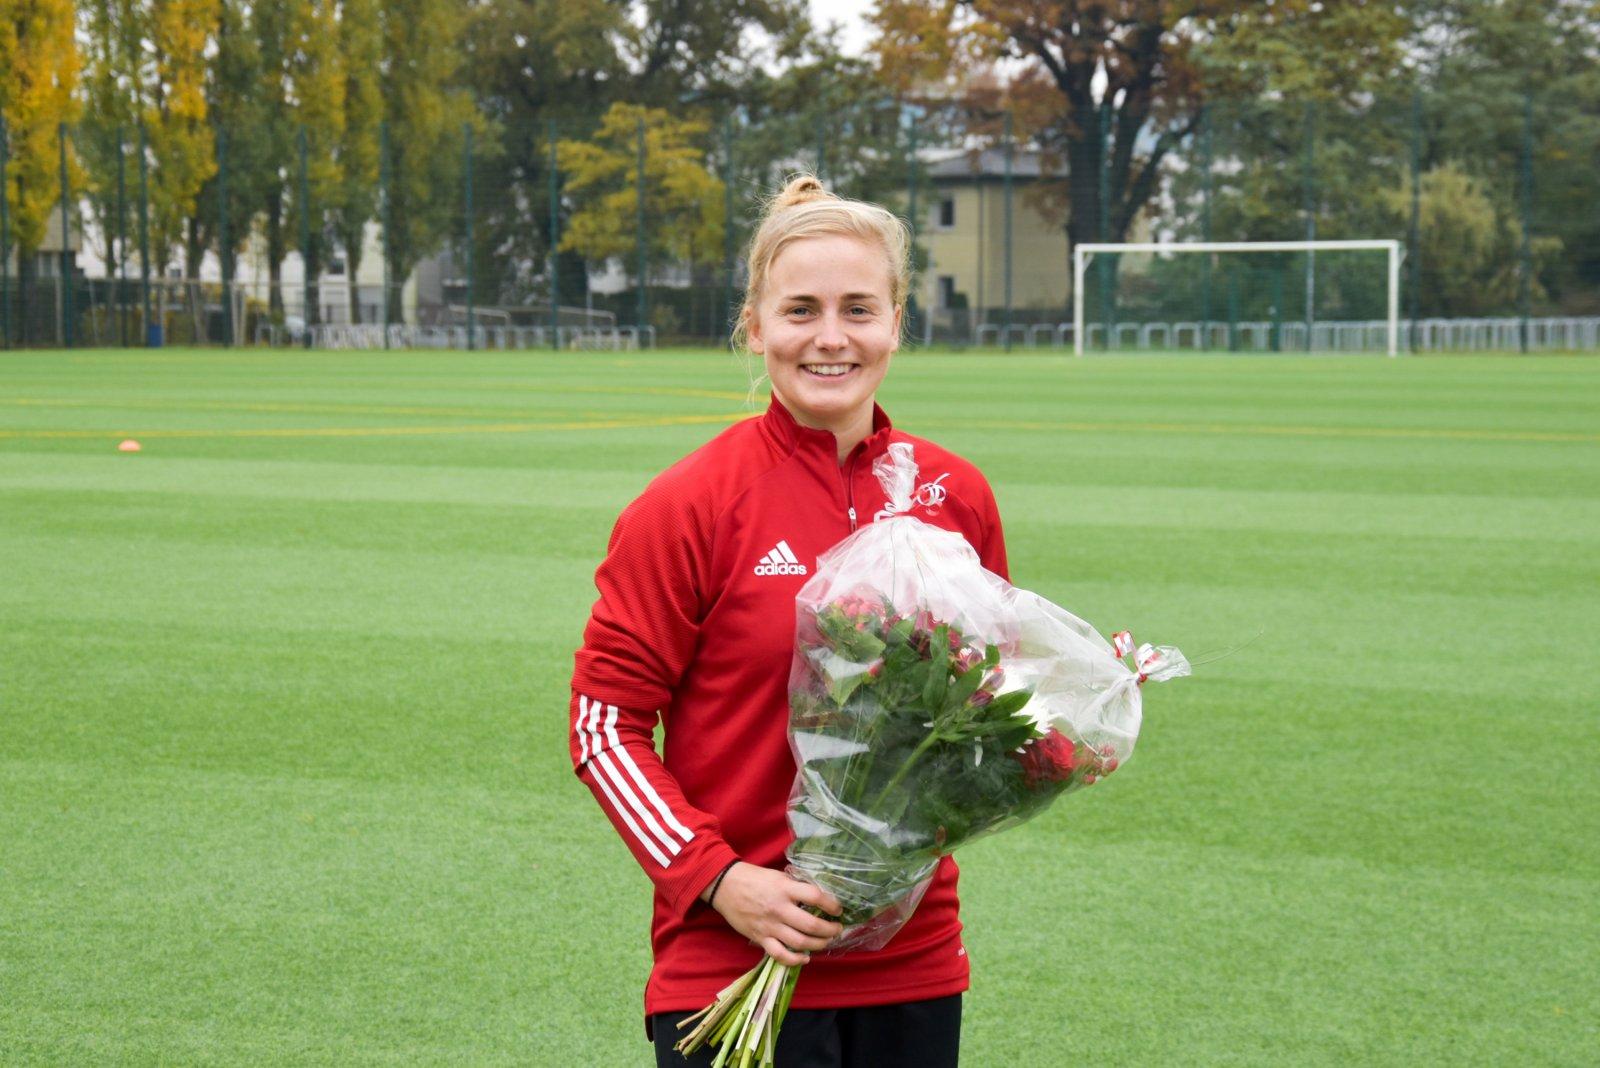 Josy Ahlswede spielt seit 10 Jahren im ersten Frauenteam, Foto: 1. FC Union Berlin